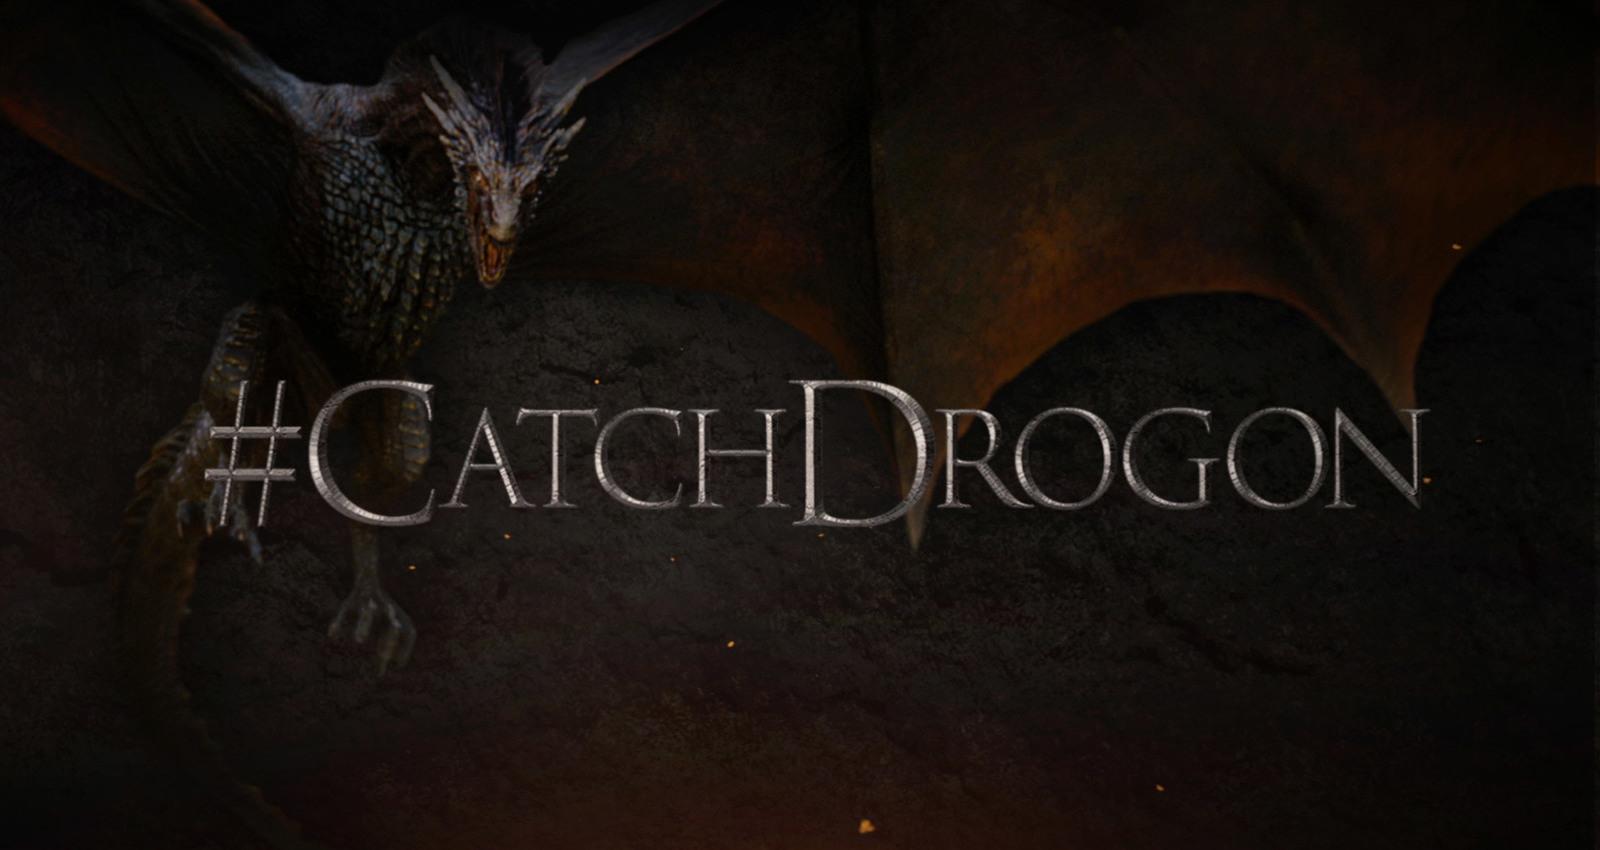 #CatchDrogon